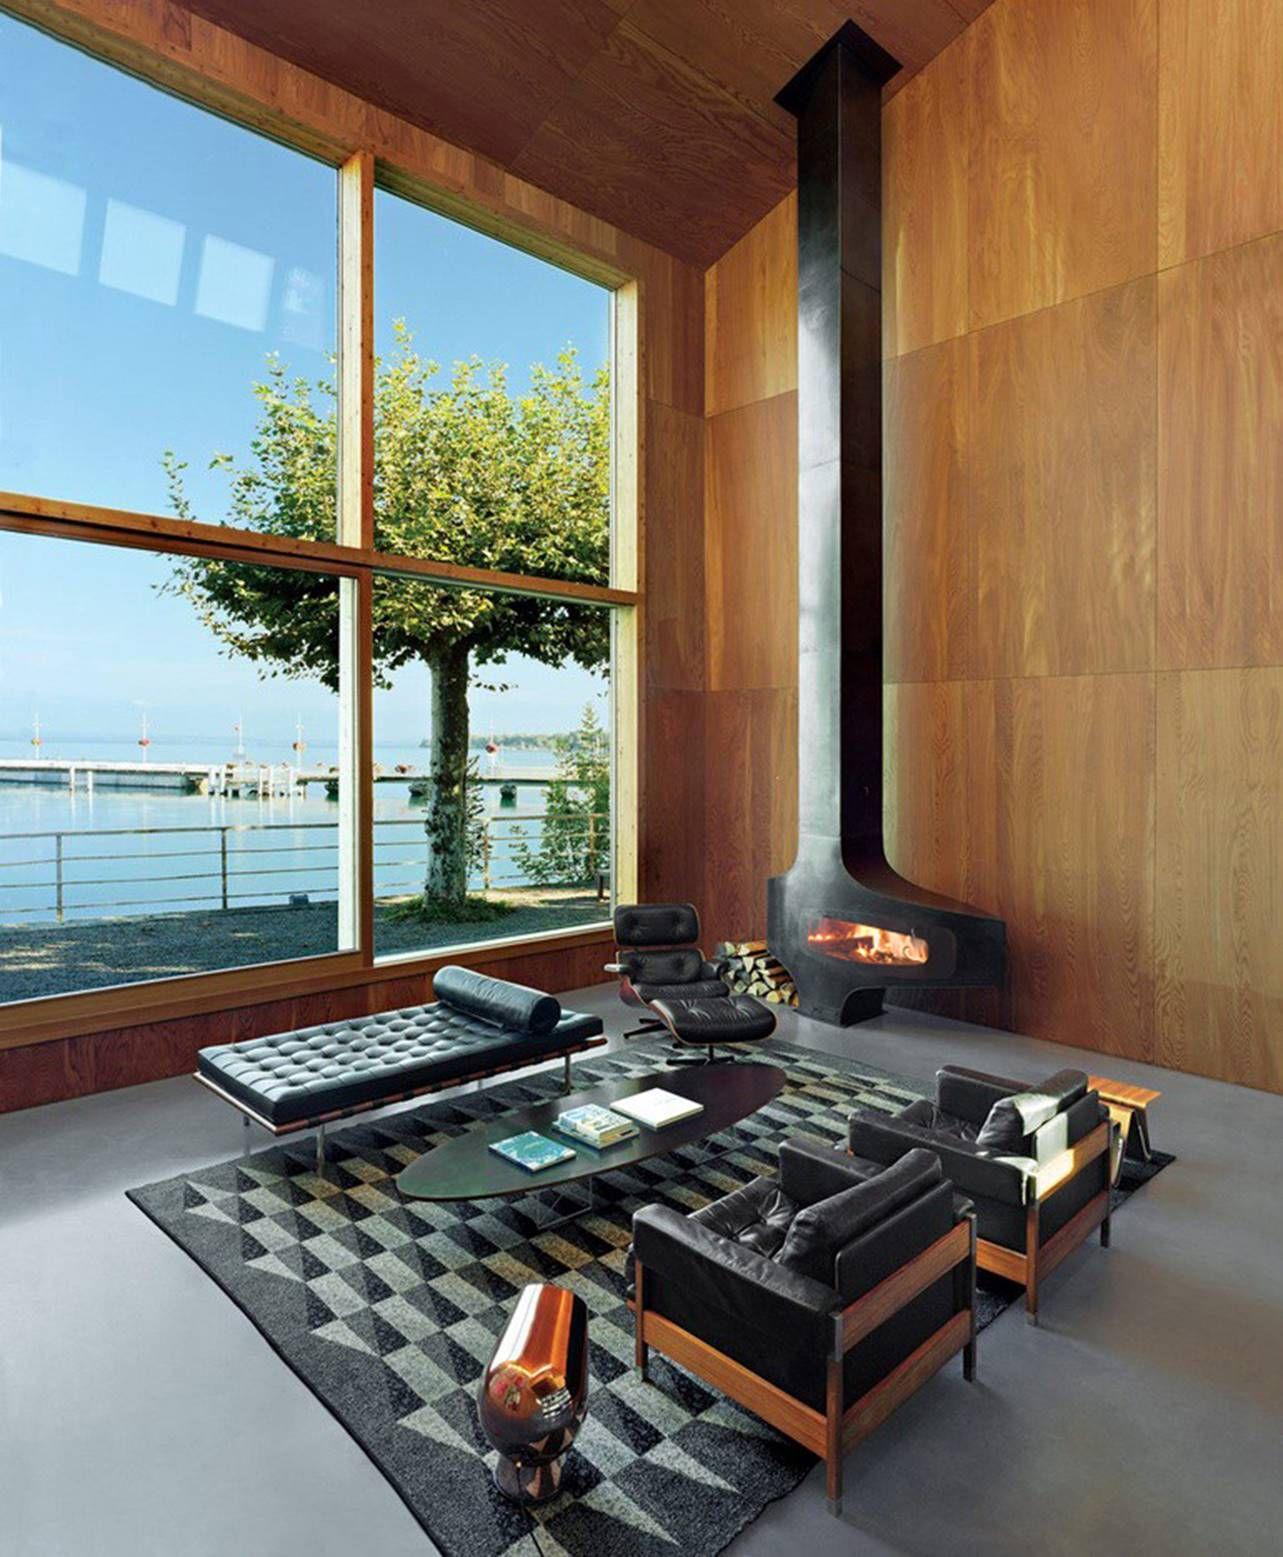 Salon Au Style Contemporain Qui Melange Canape En Cuir Noir Et Mur